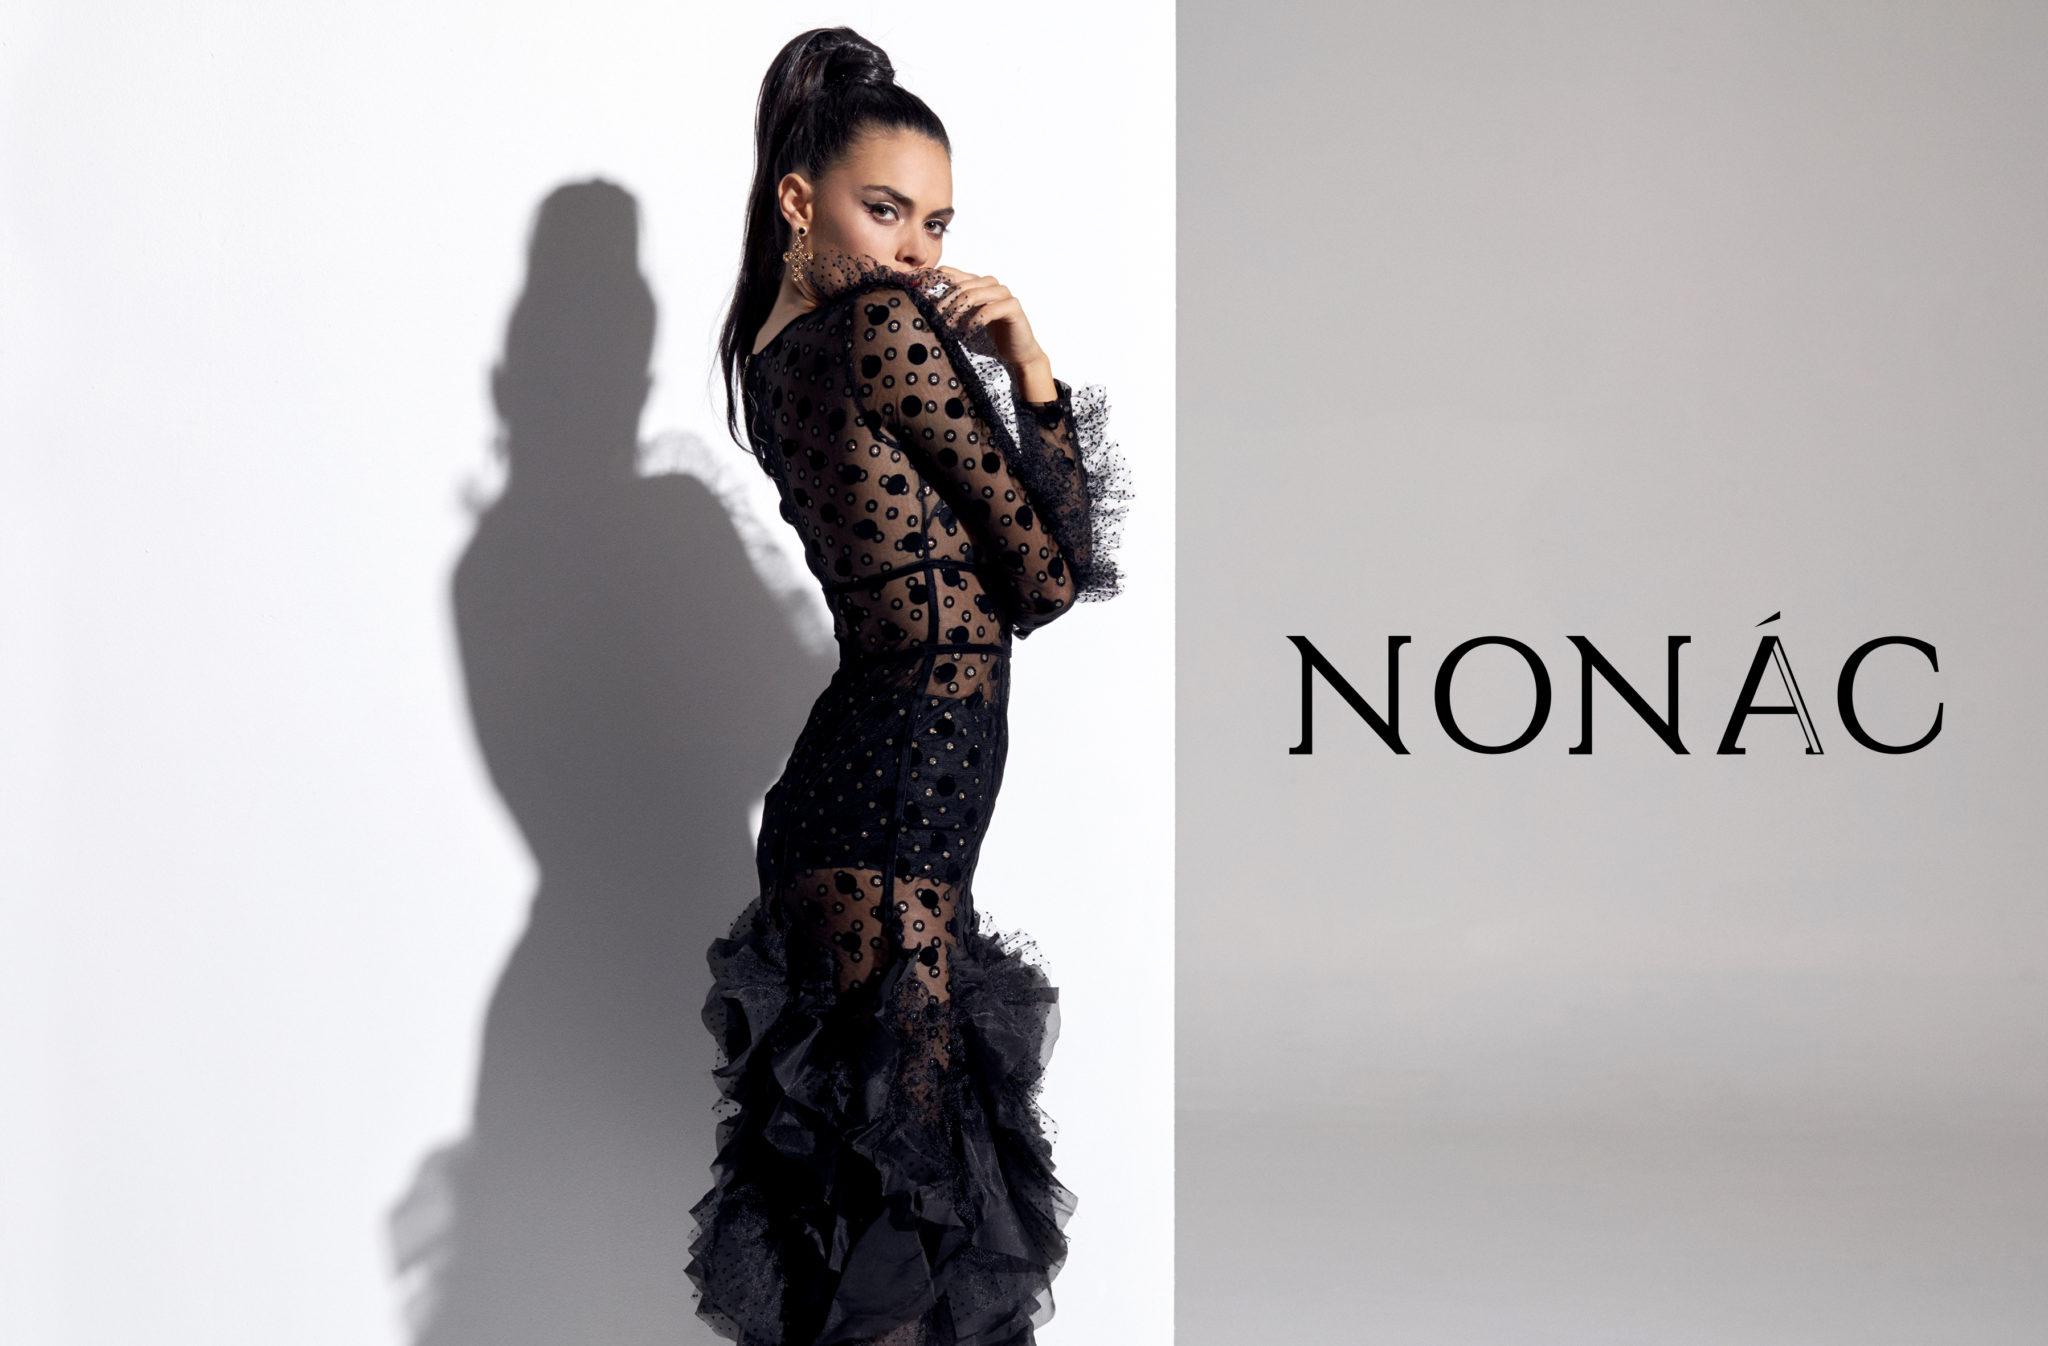 NONAC